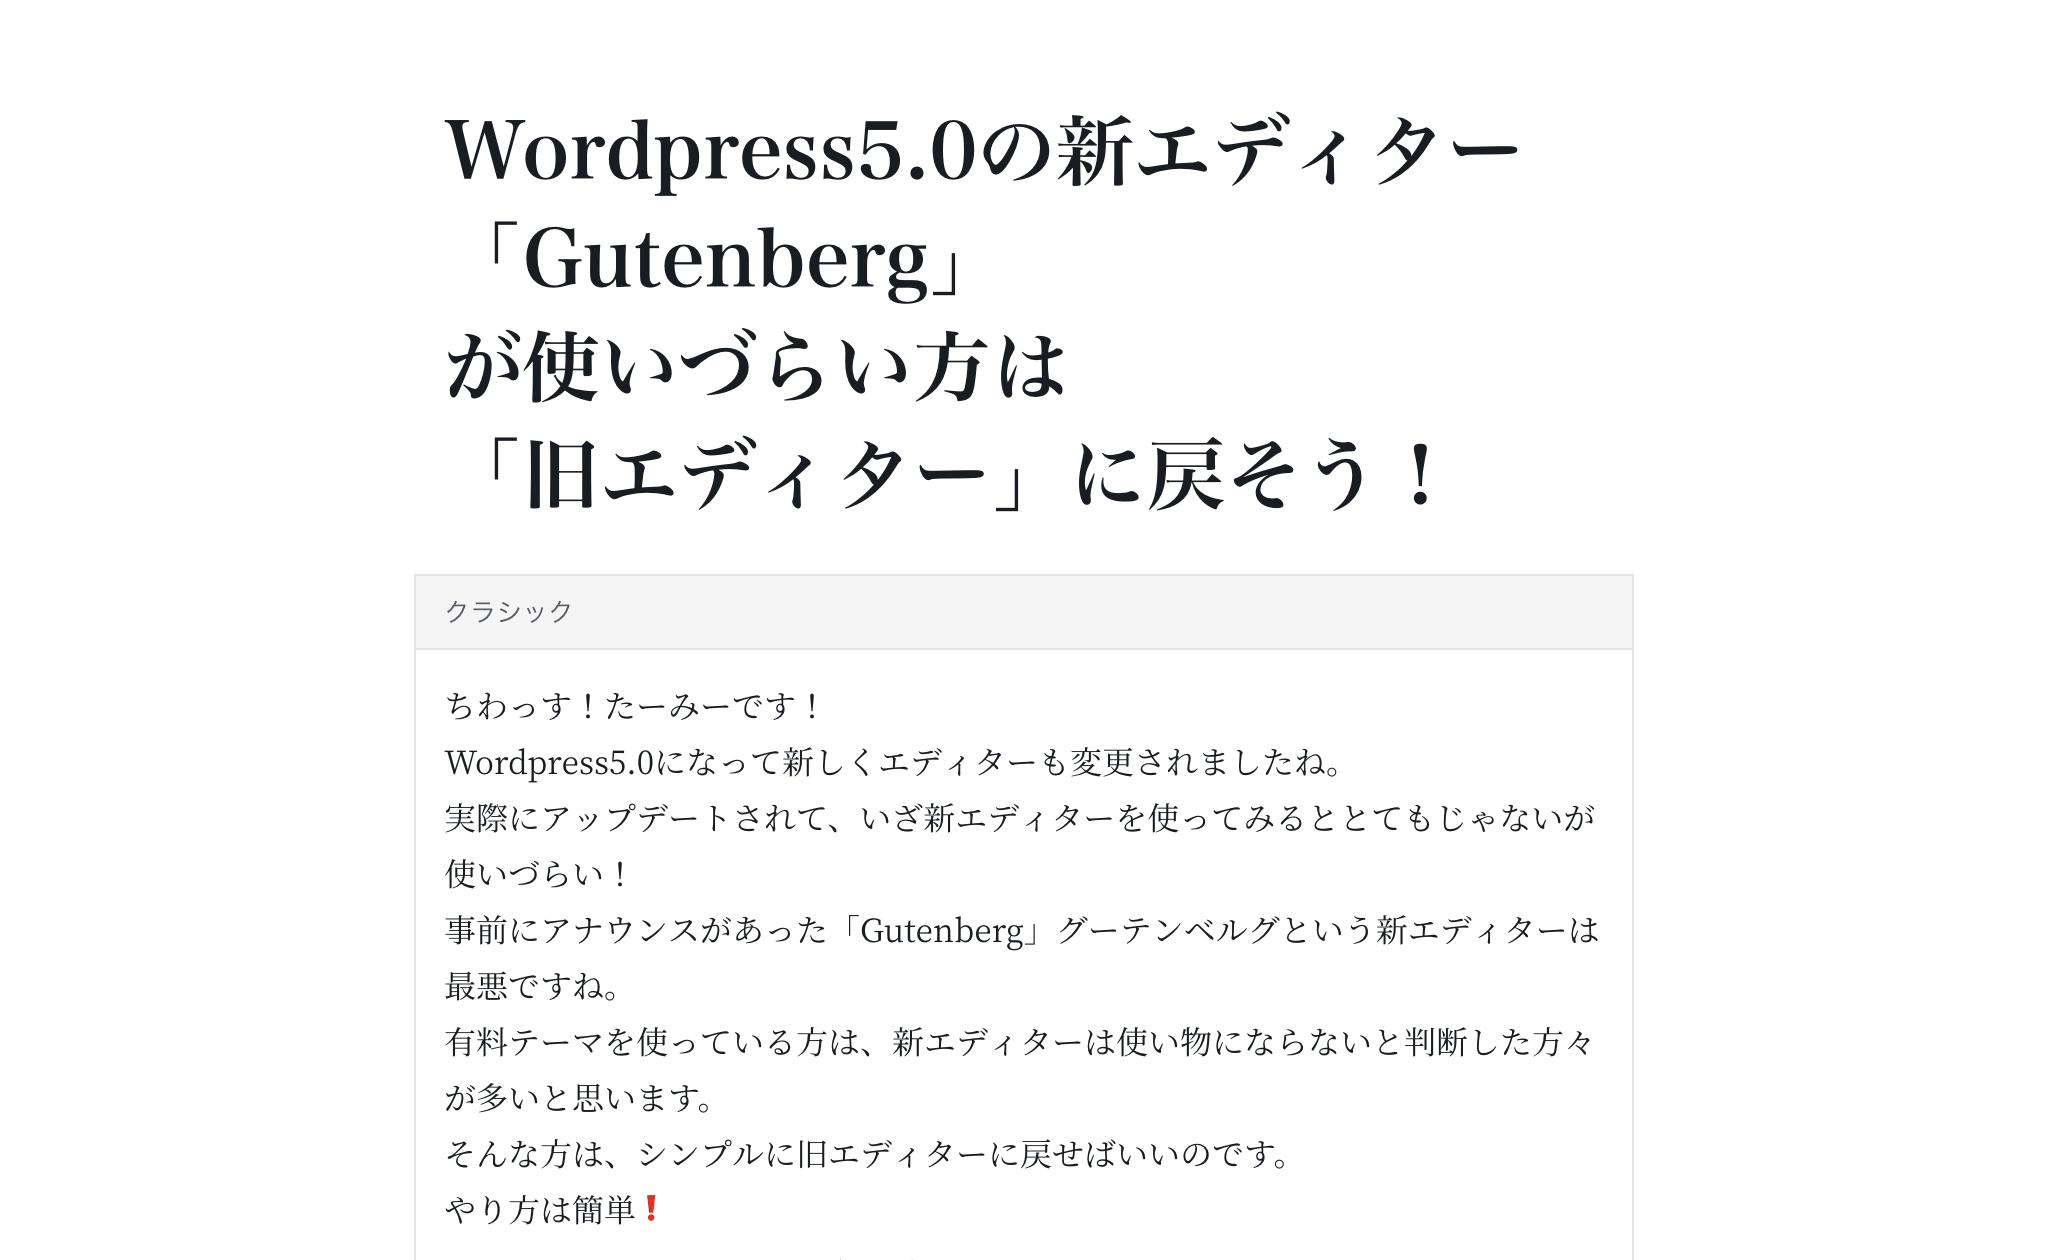 Wordpress5.0の新エディターが使いづらい方は旧エディターに戻そう!